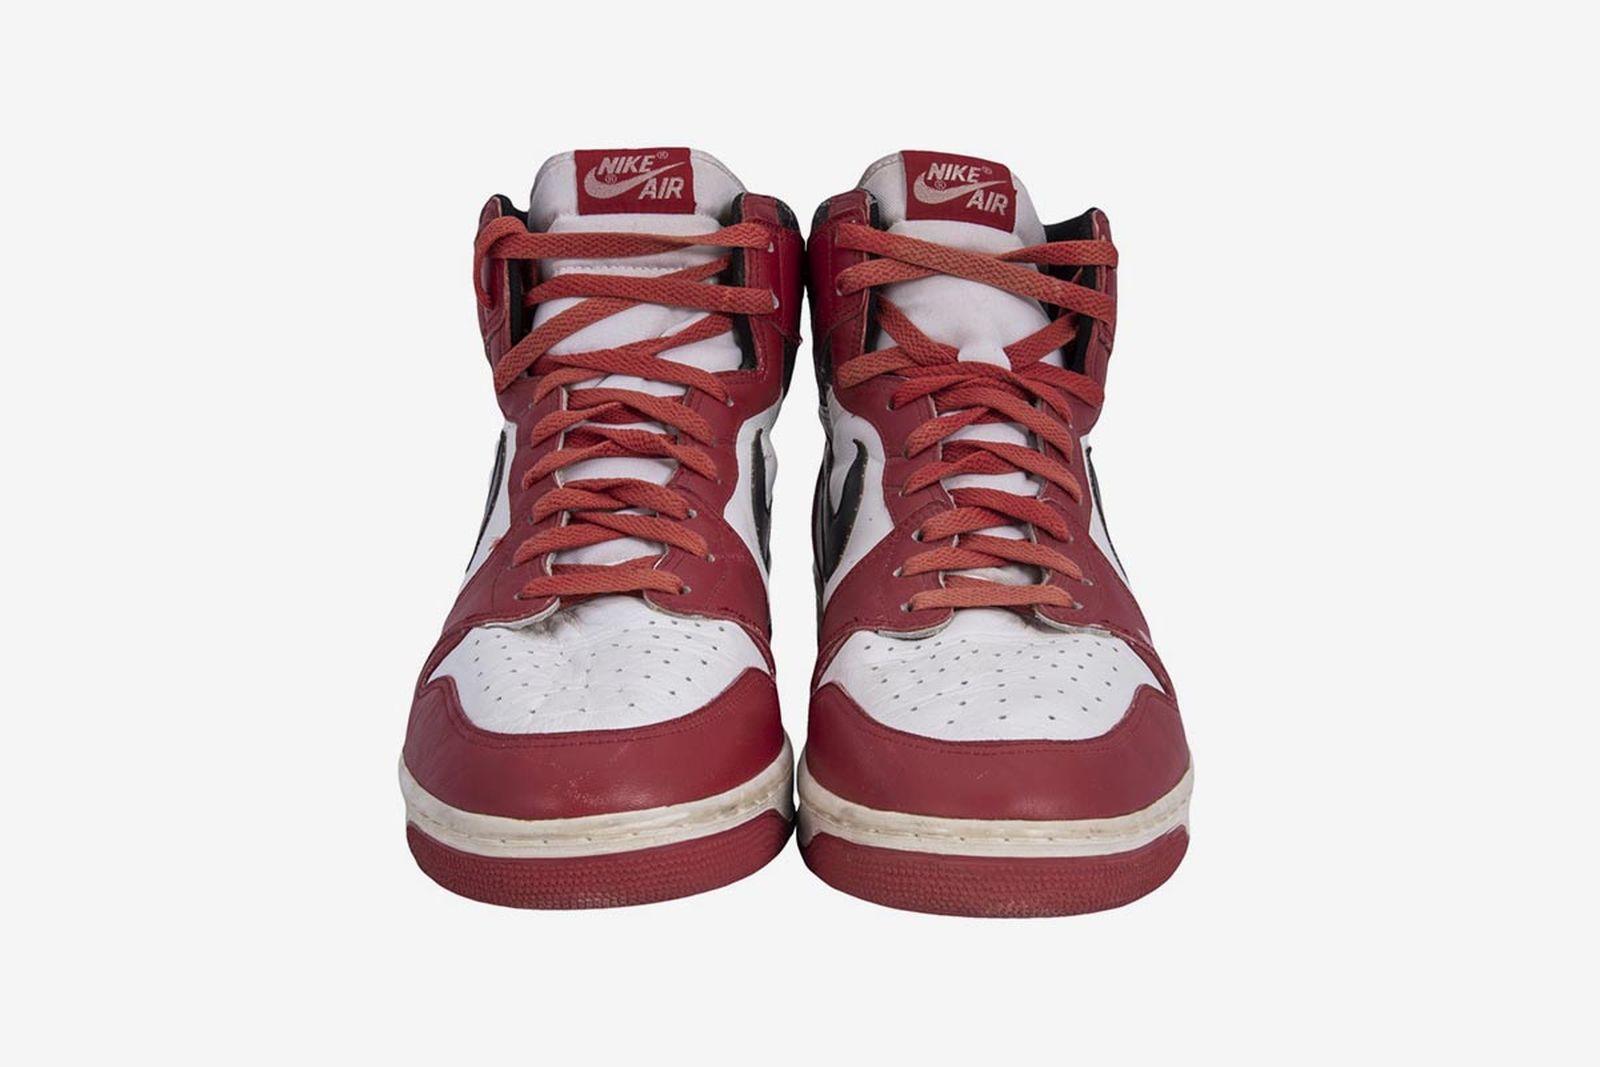 michael-jordan-air-jordan-1-dunk-sole-auctioning-800k-04